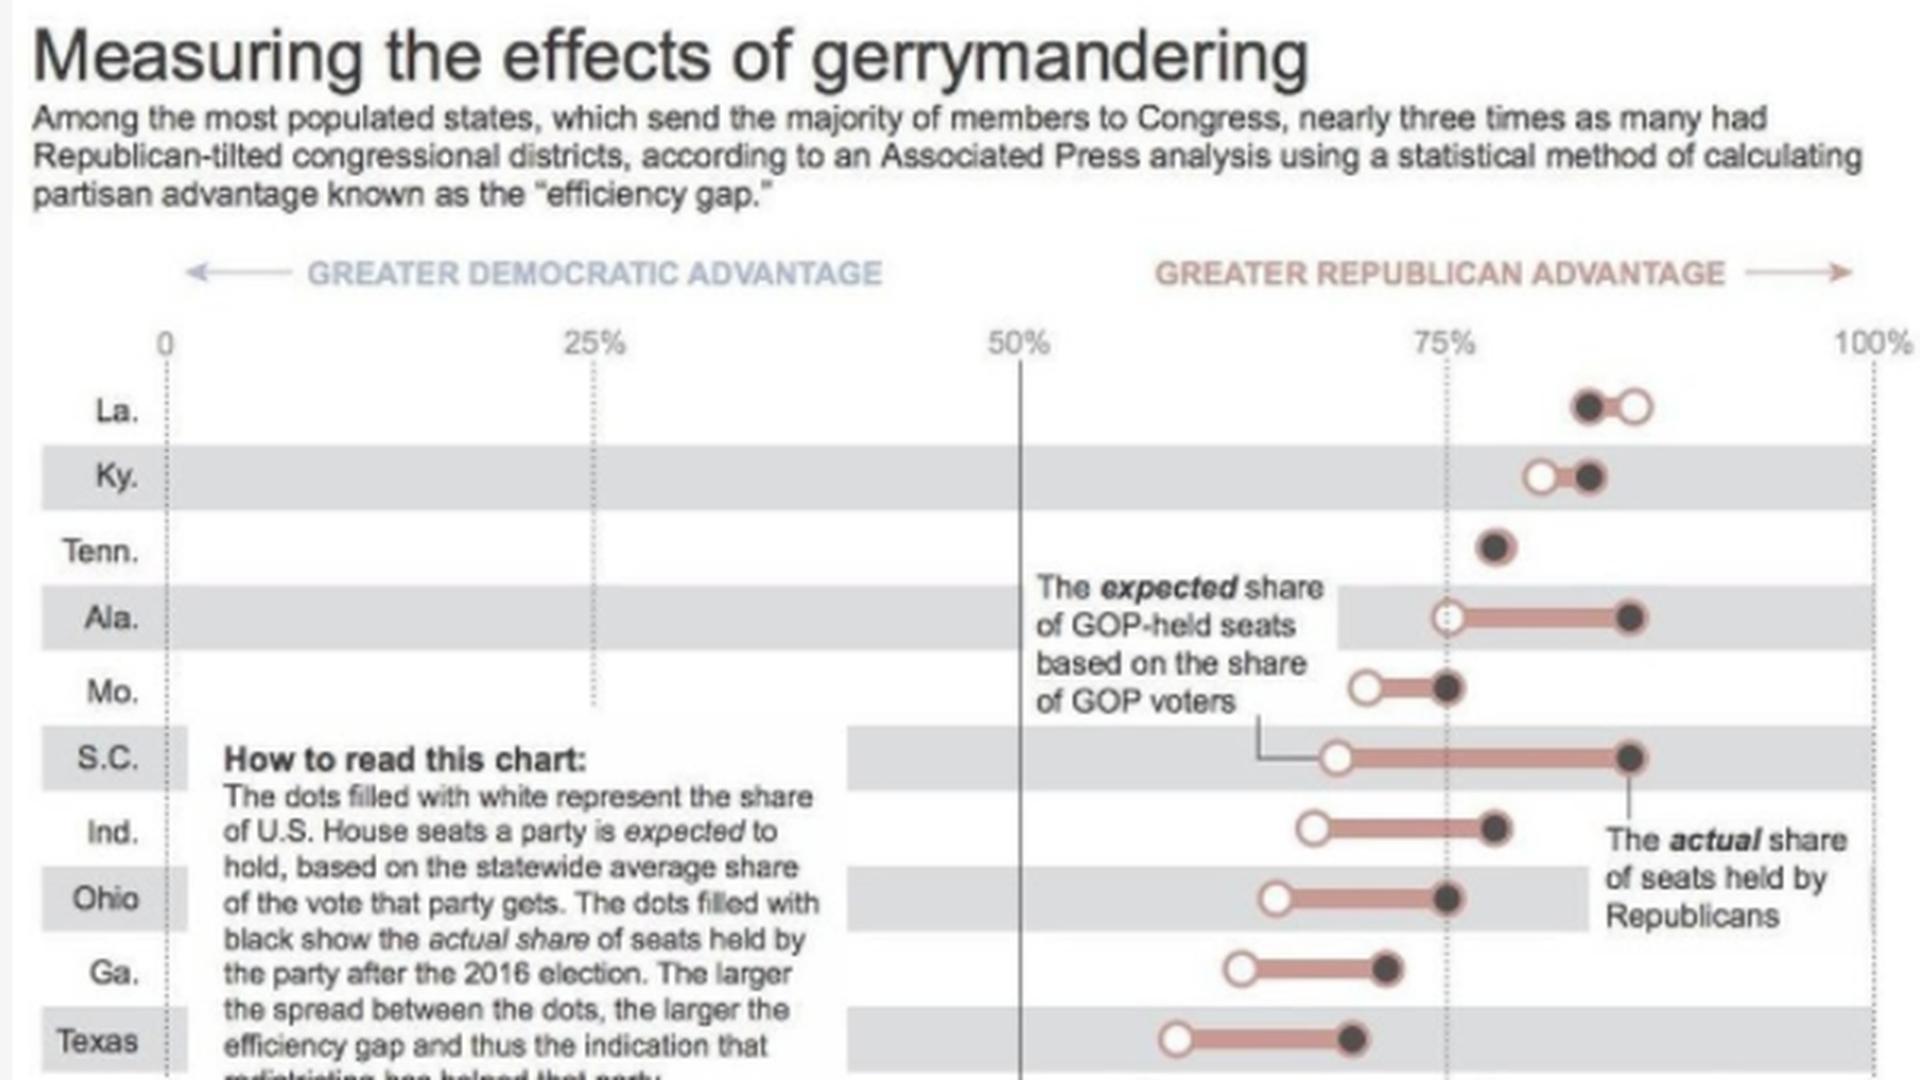 Gerrymandering gives GOP huge structural advantage